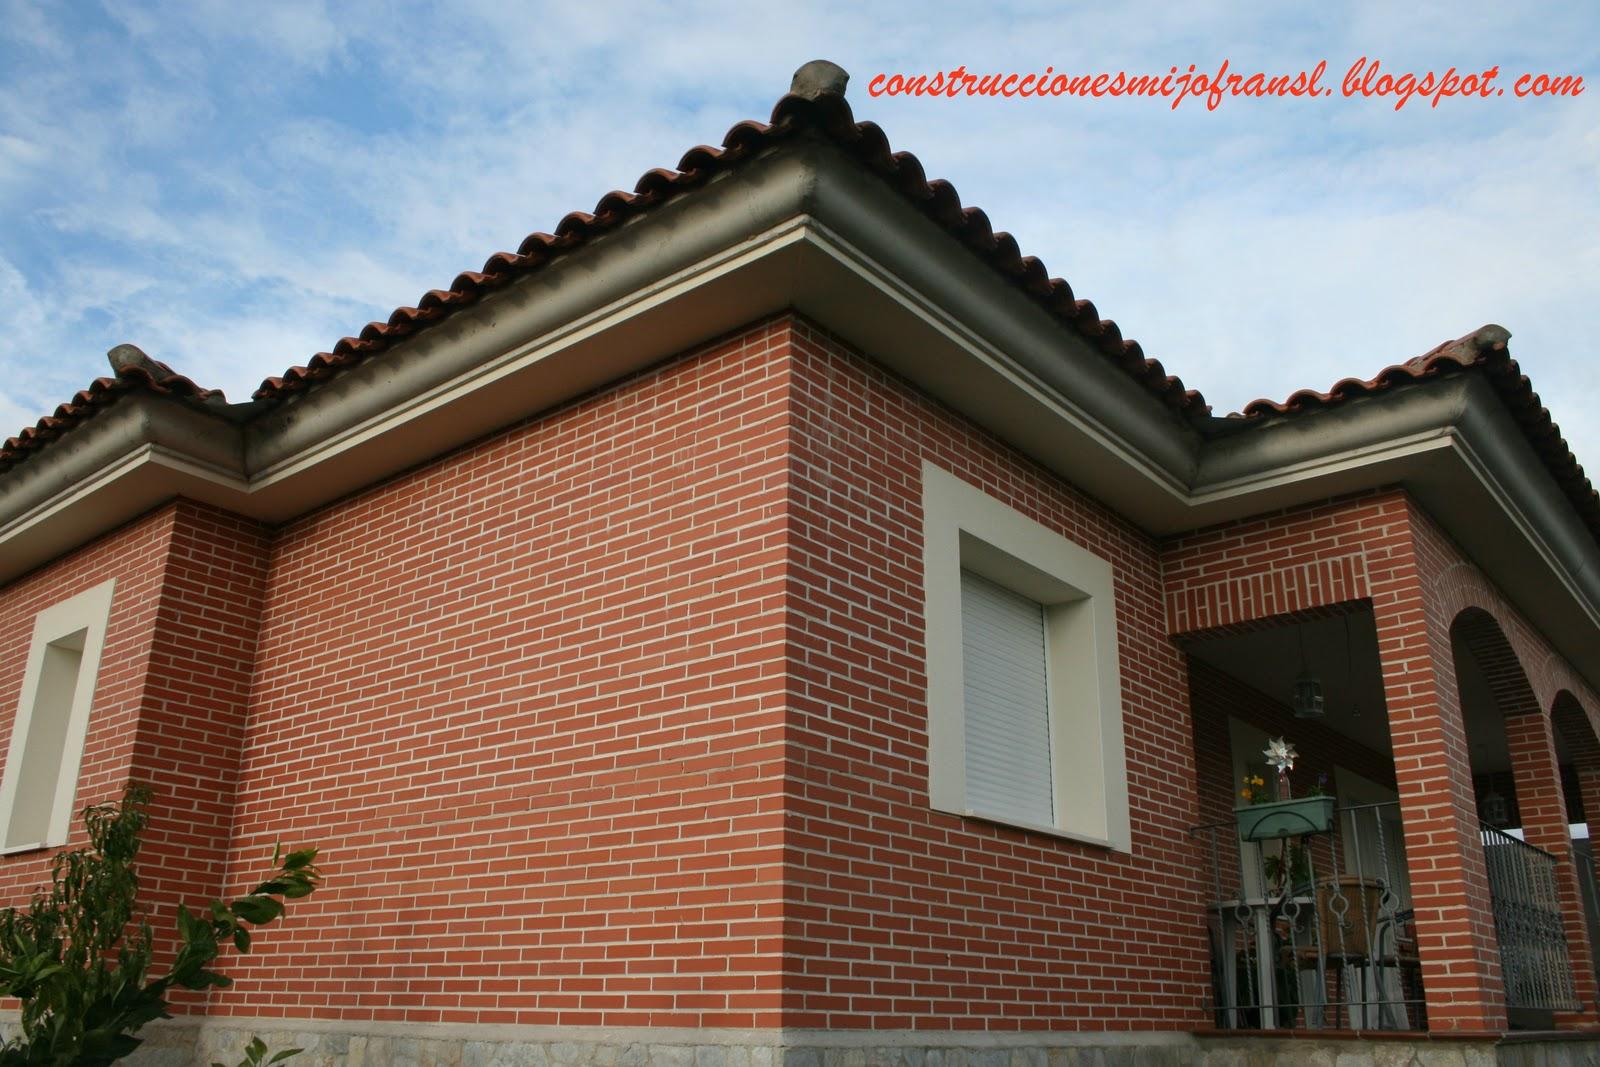 Construcciones mijofran s l casa de ladrillo visto - Casas ladrillo visto ...